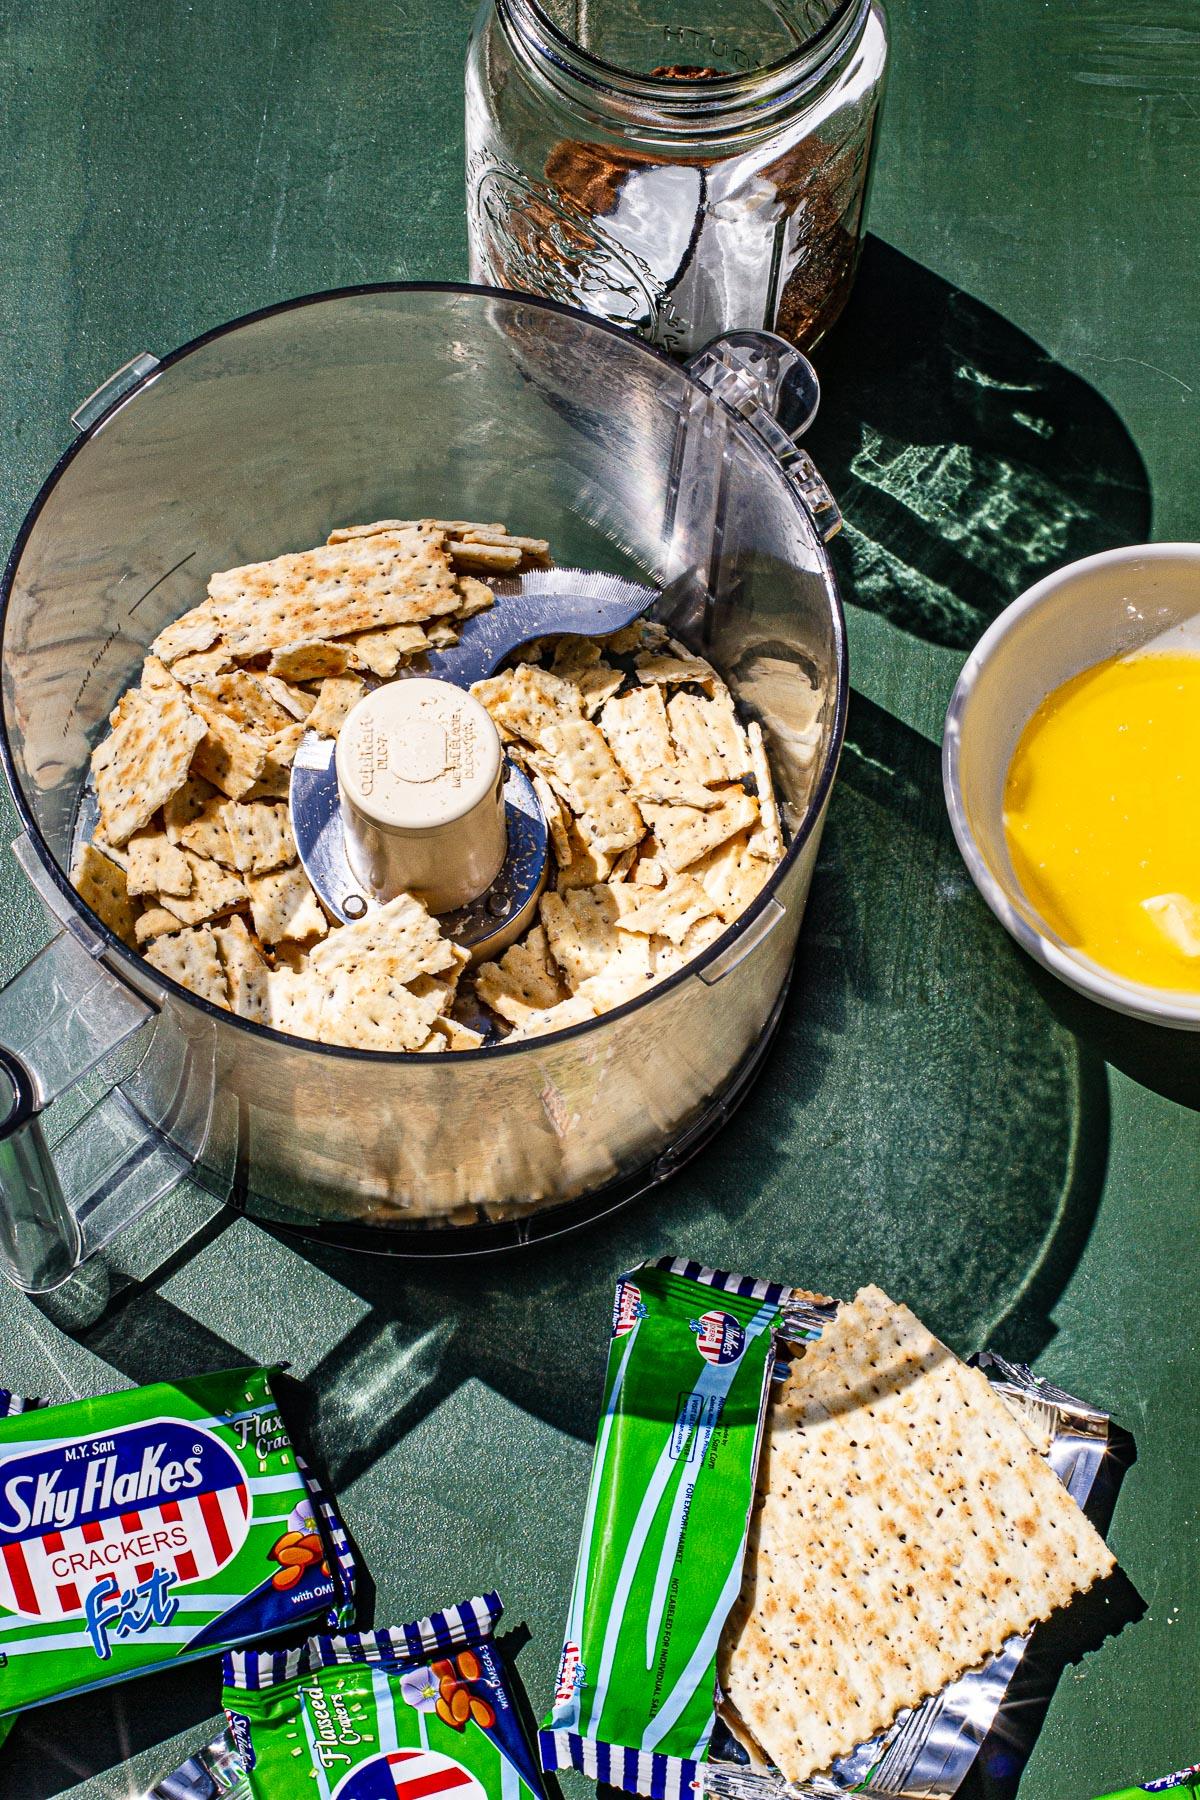 Calamansi Tart with Skyflake Crust